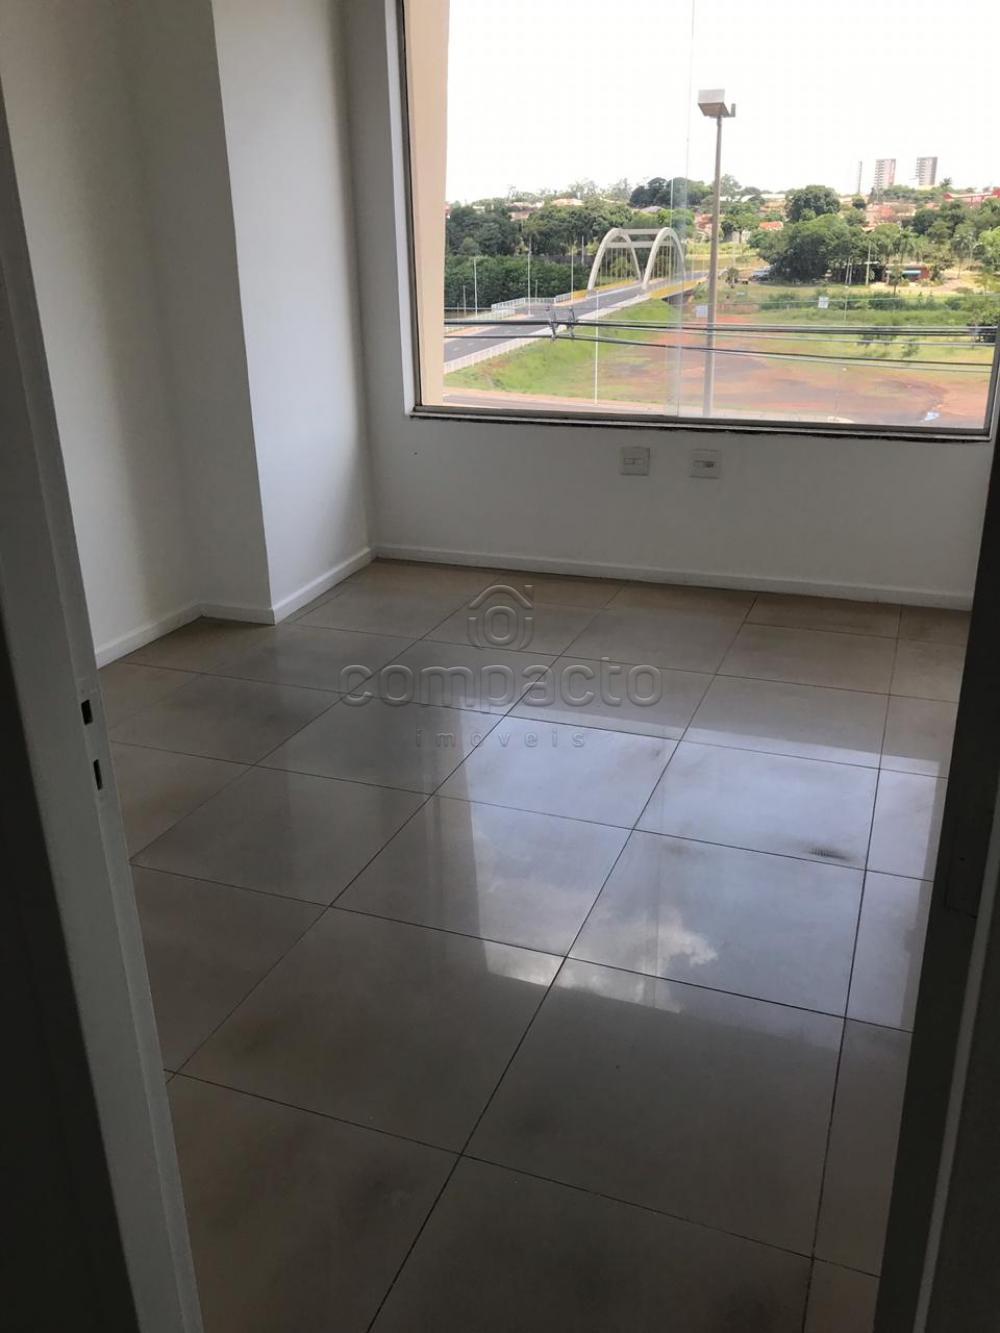 Alugar Comercial / Sala/Loja Condomínio em São José do Rio Preto apenas R$ 4.000,00 - Foto 5